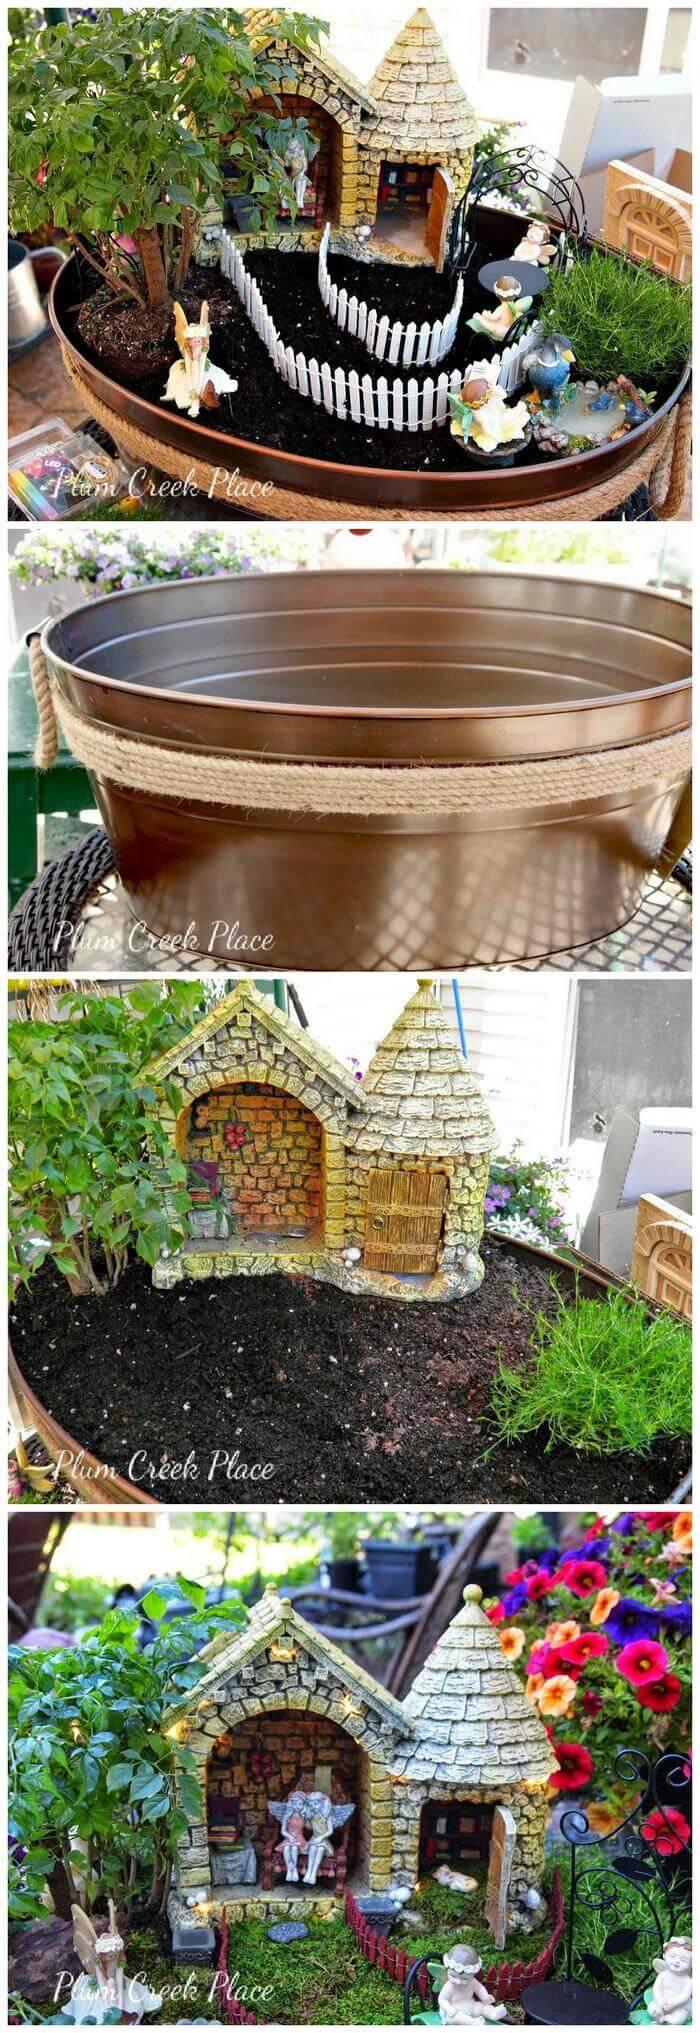 DIY Your Own Fairy Garden